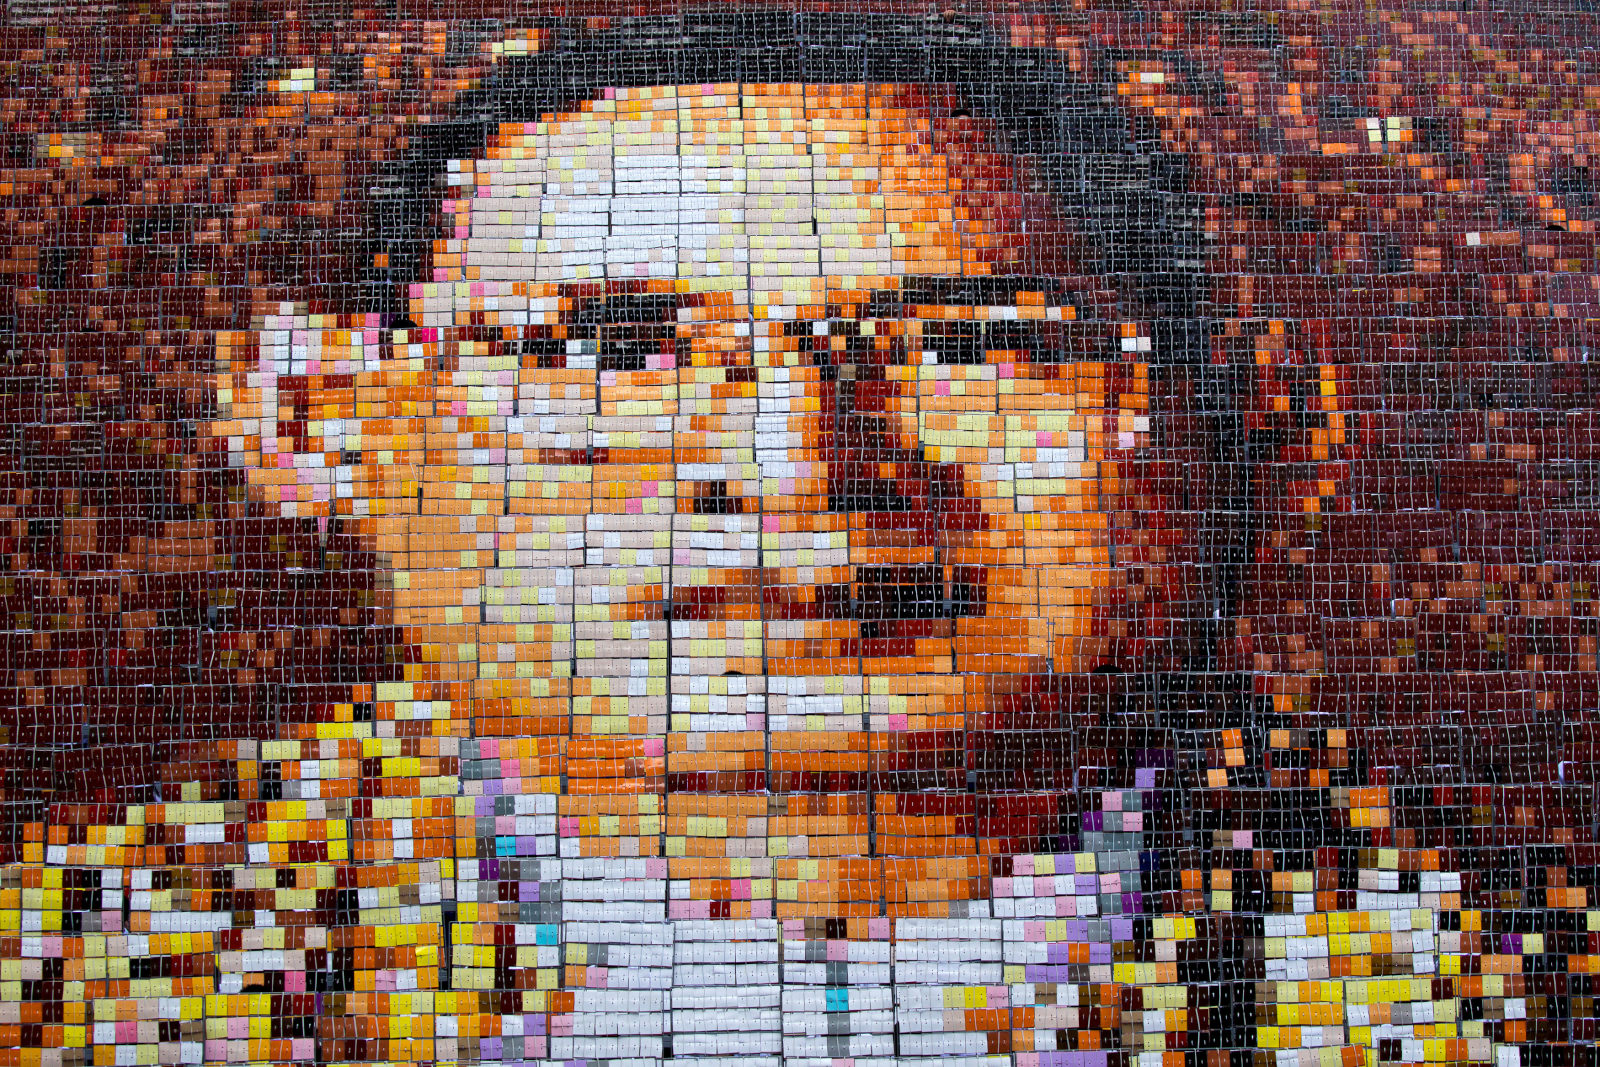 Putera Mahkota Thailand Segera Dinobatkan Jadi Raja Rama X